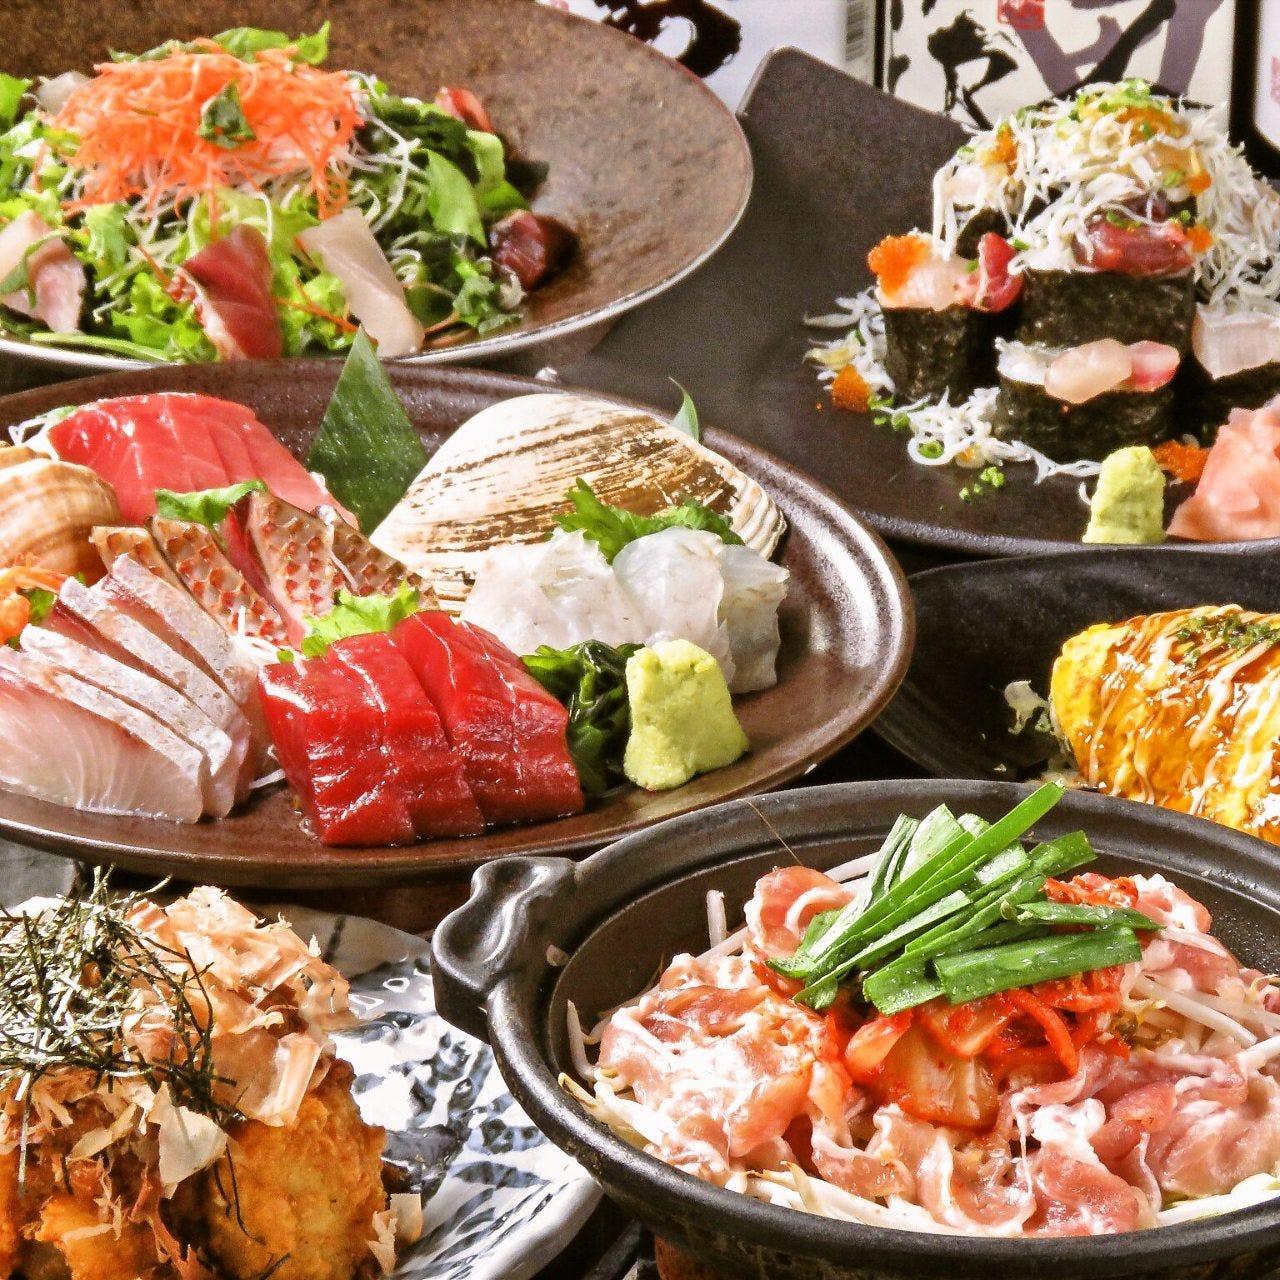 【大漁コース】全7品 飲み放題付4000円コース